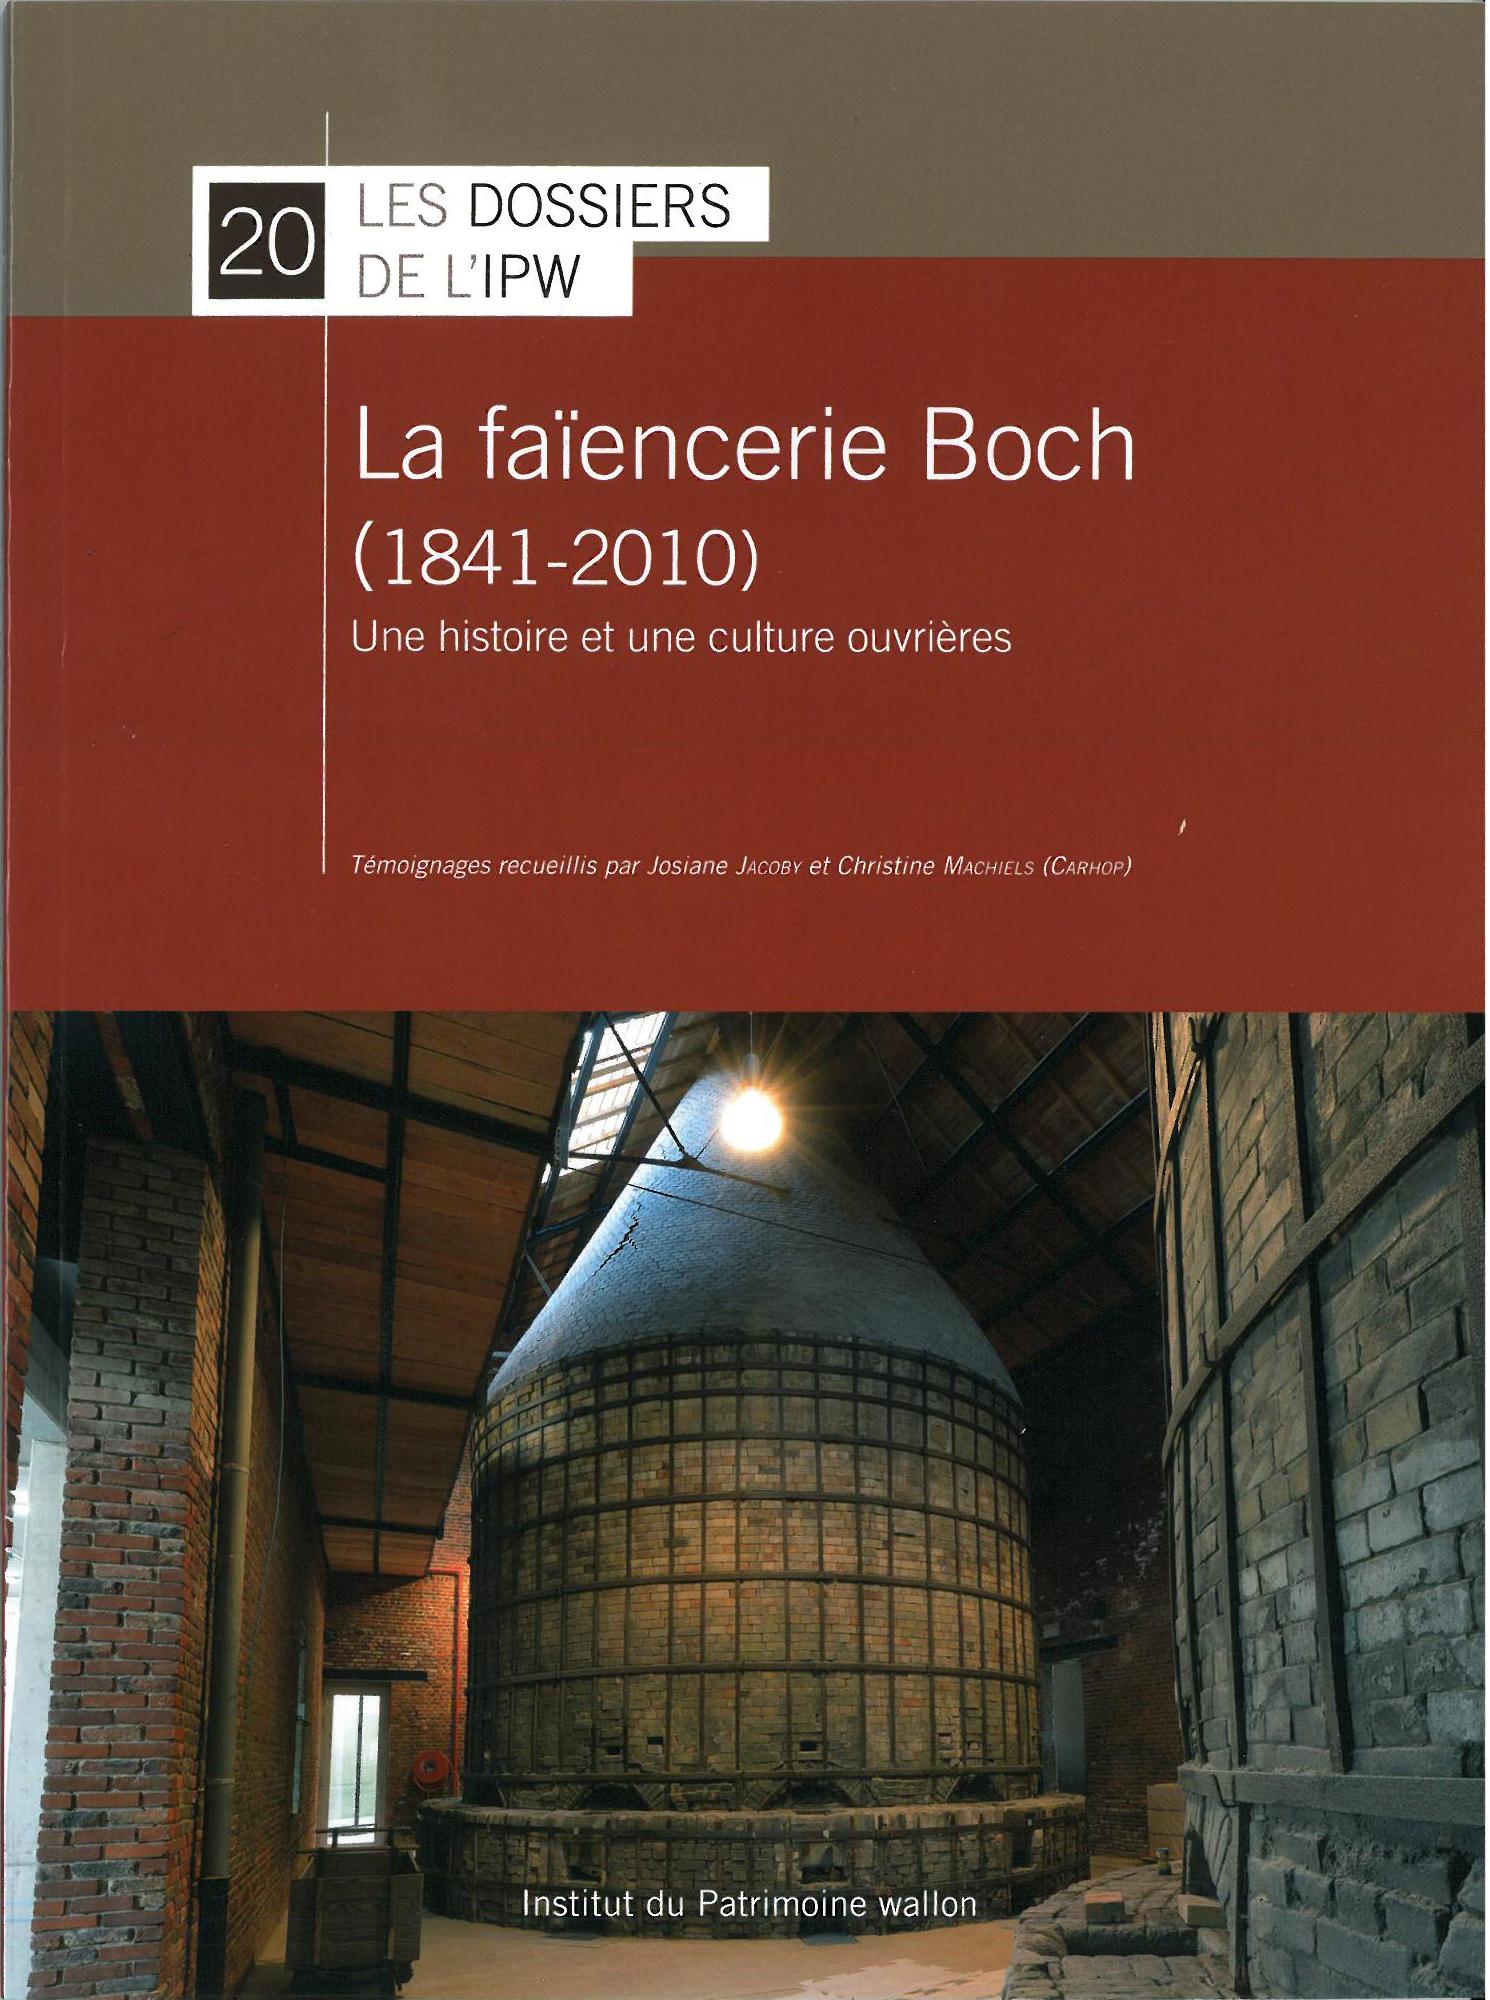 La faïencerie Boch